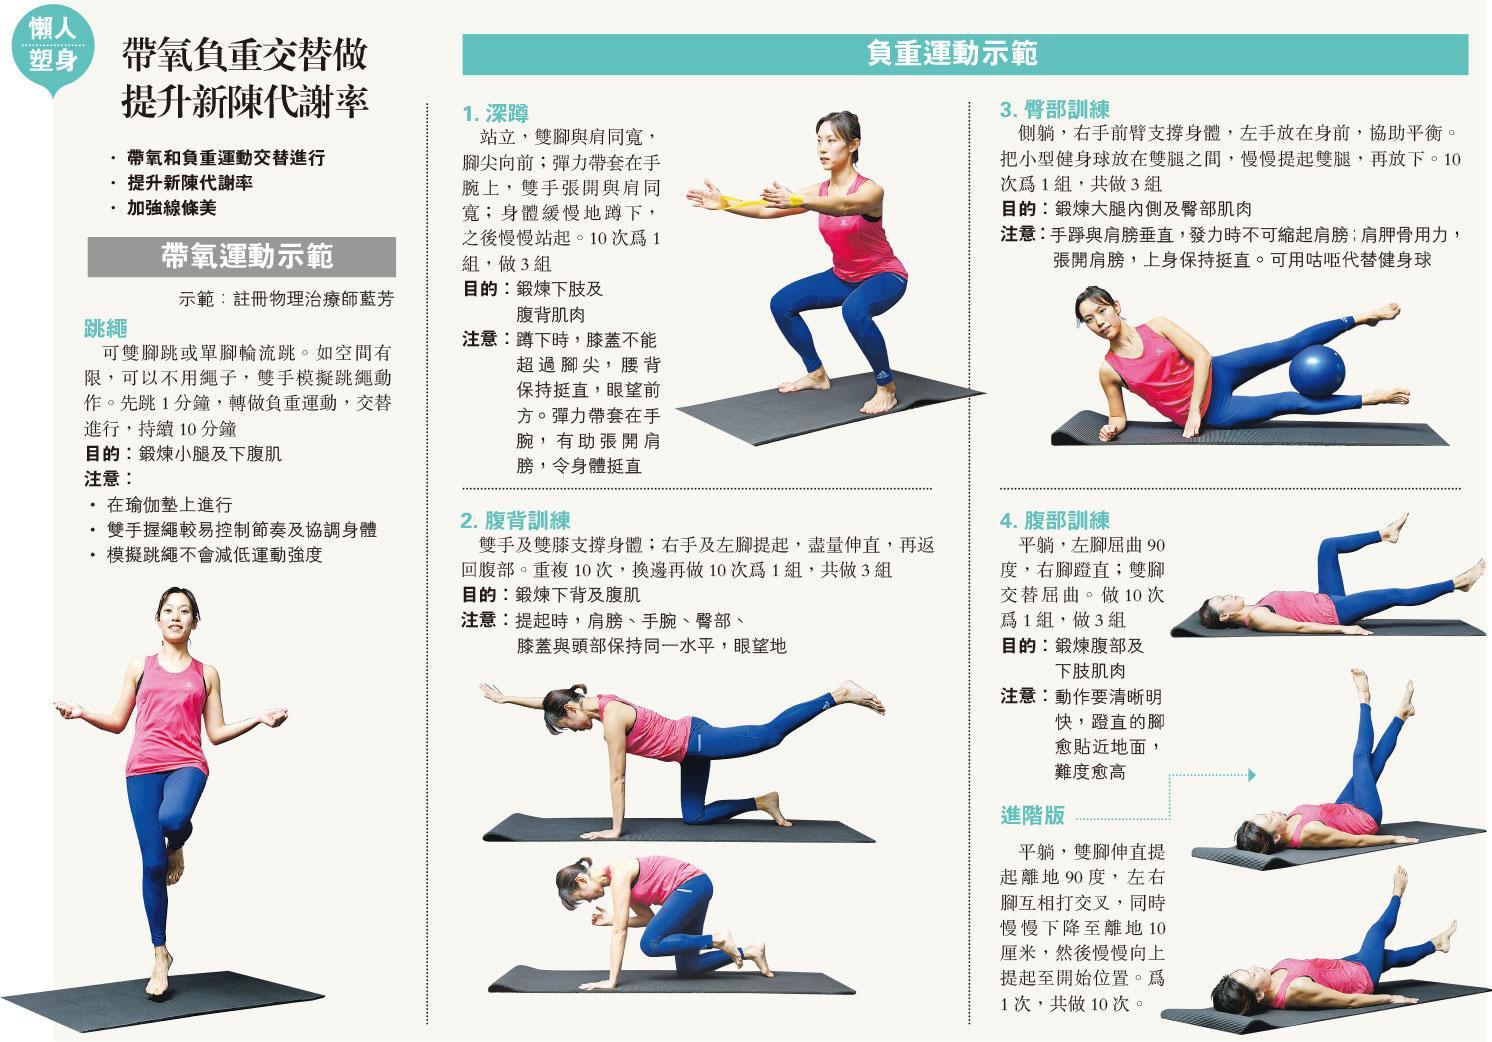 新陳代謝率,運動消閒,健康減肥